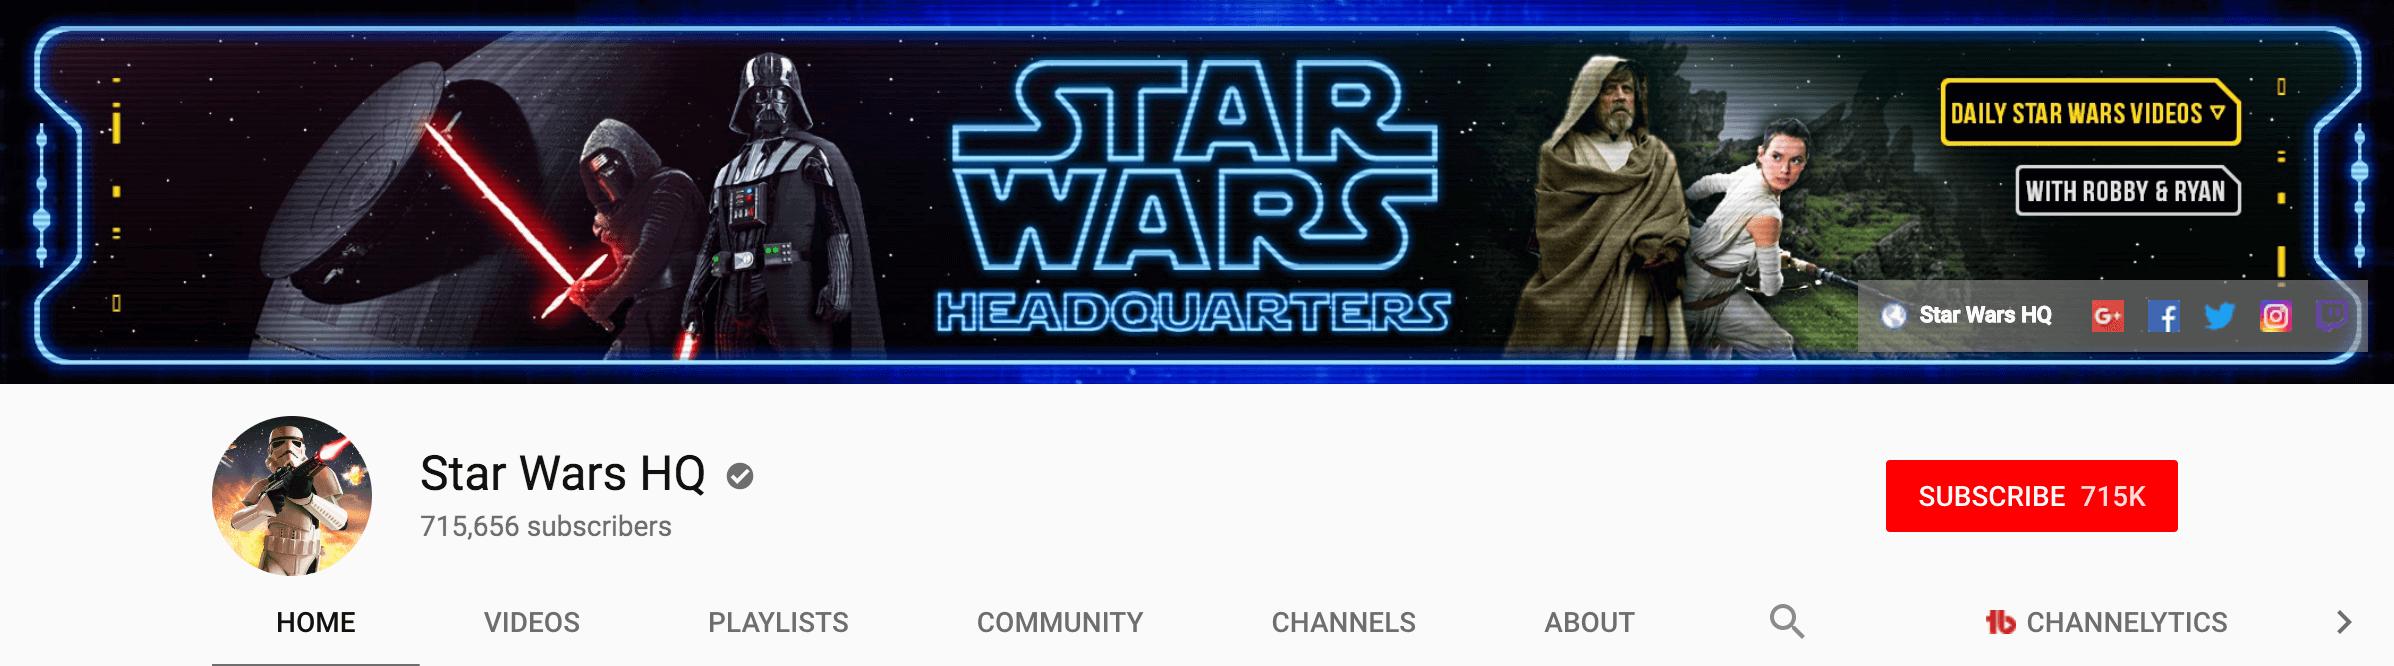 Channel art